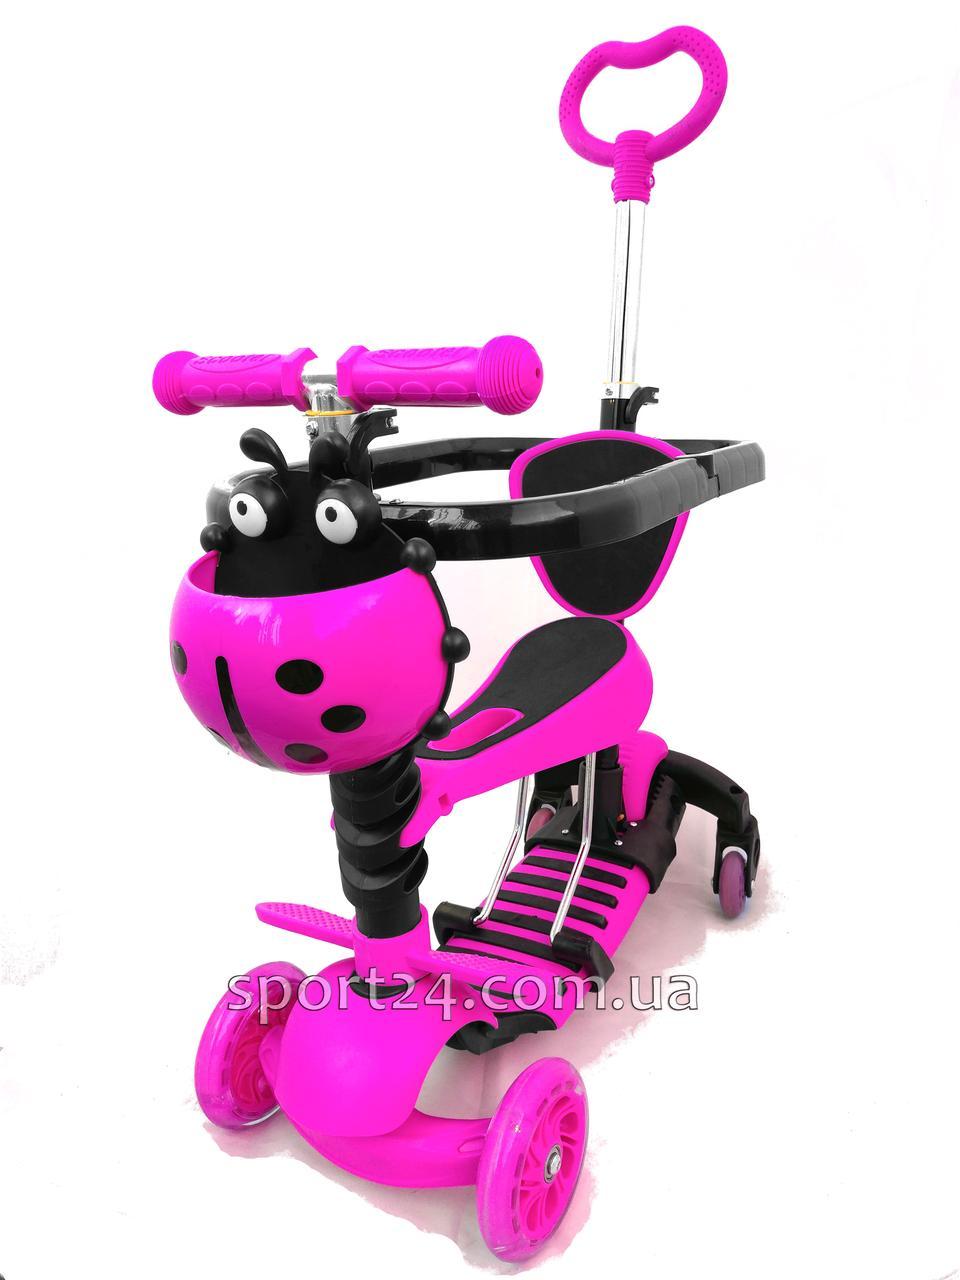 Самокат Scooter 5 в 1 Розовая коровка с ручкой, бампером, подножкой и поворотными колесами (от 1 года)